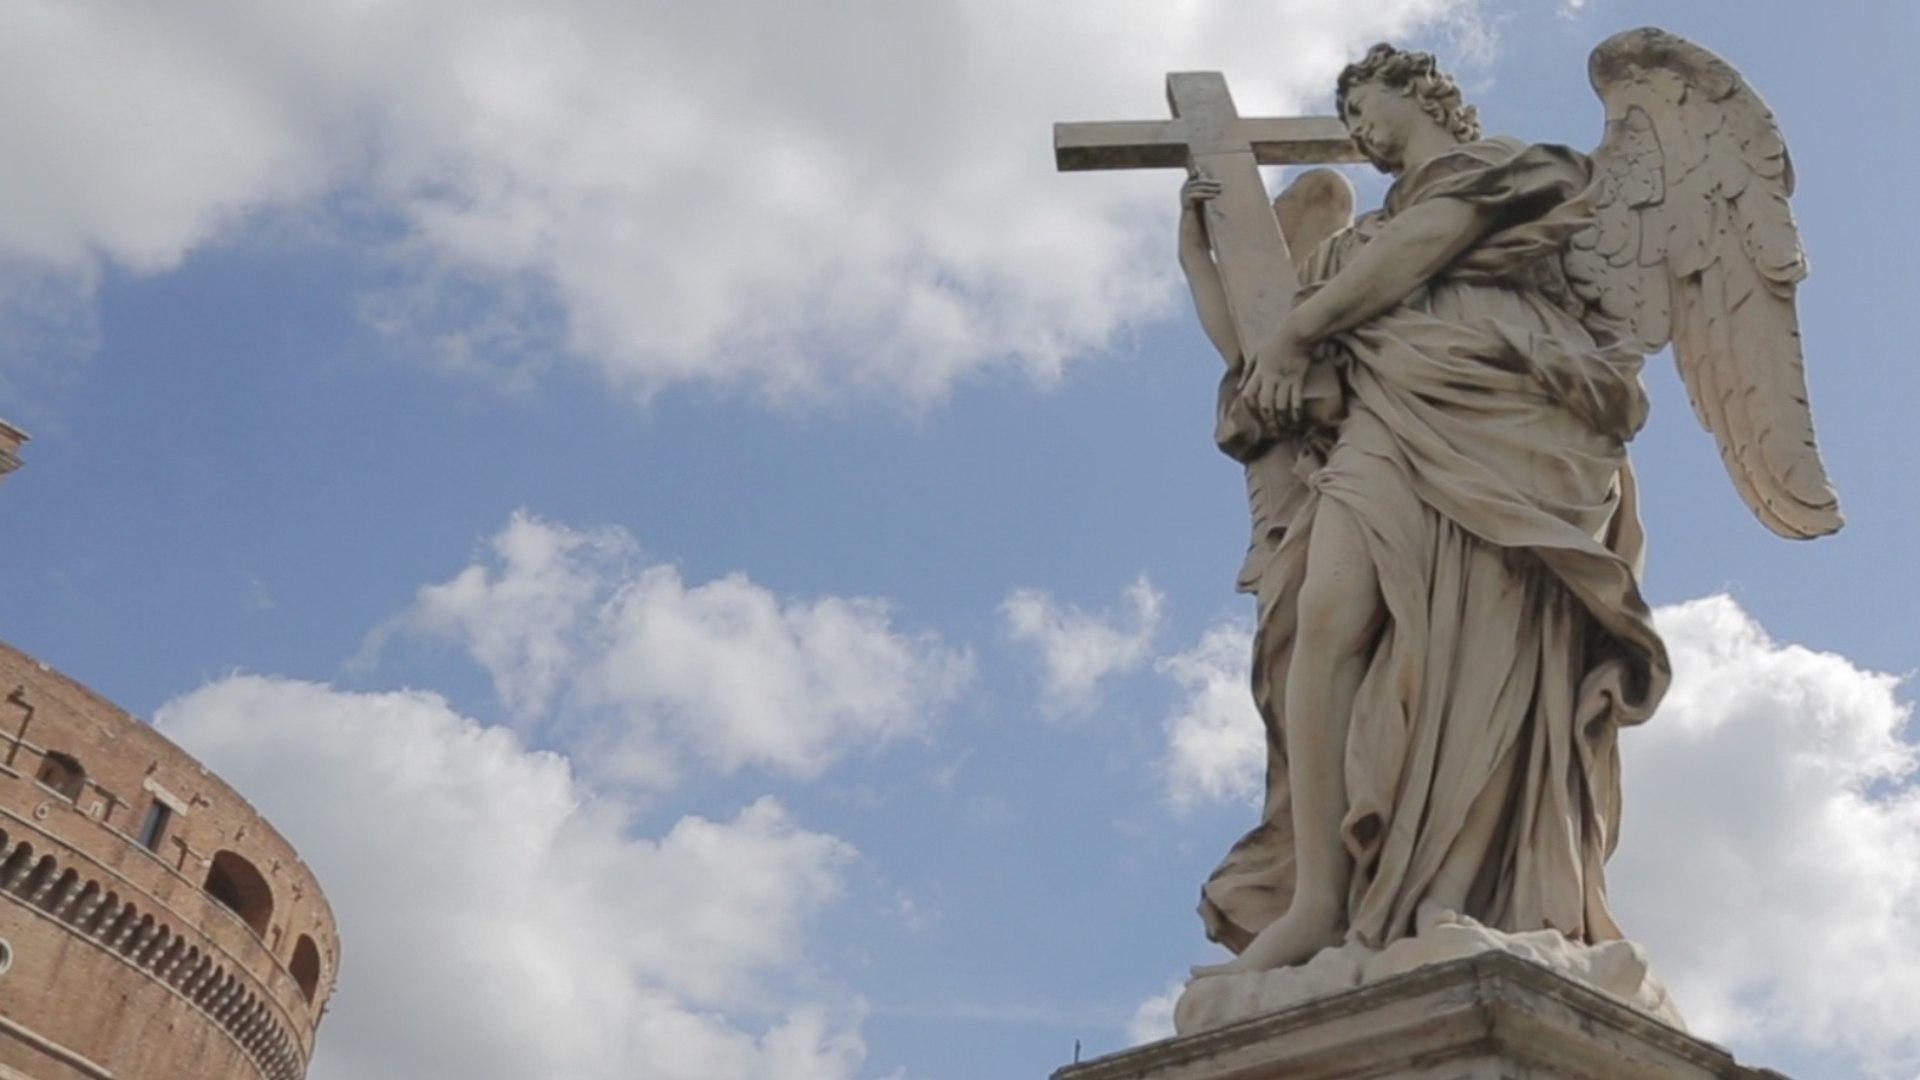 Sky Arte HD Bernini vs. Borromini - I 50 anni che sconvolsero Roma